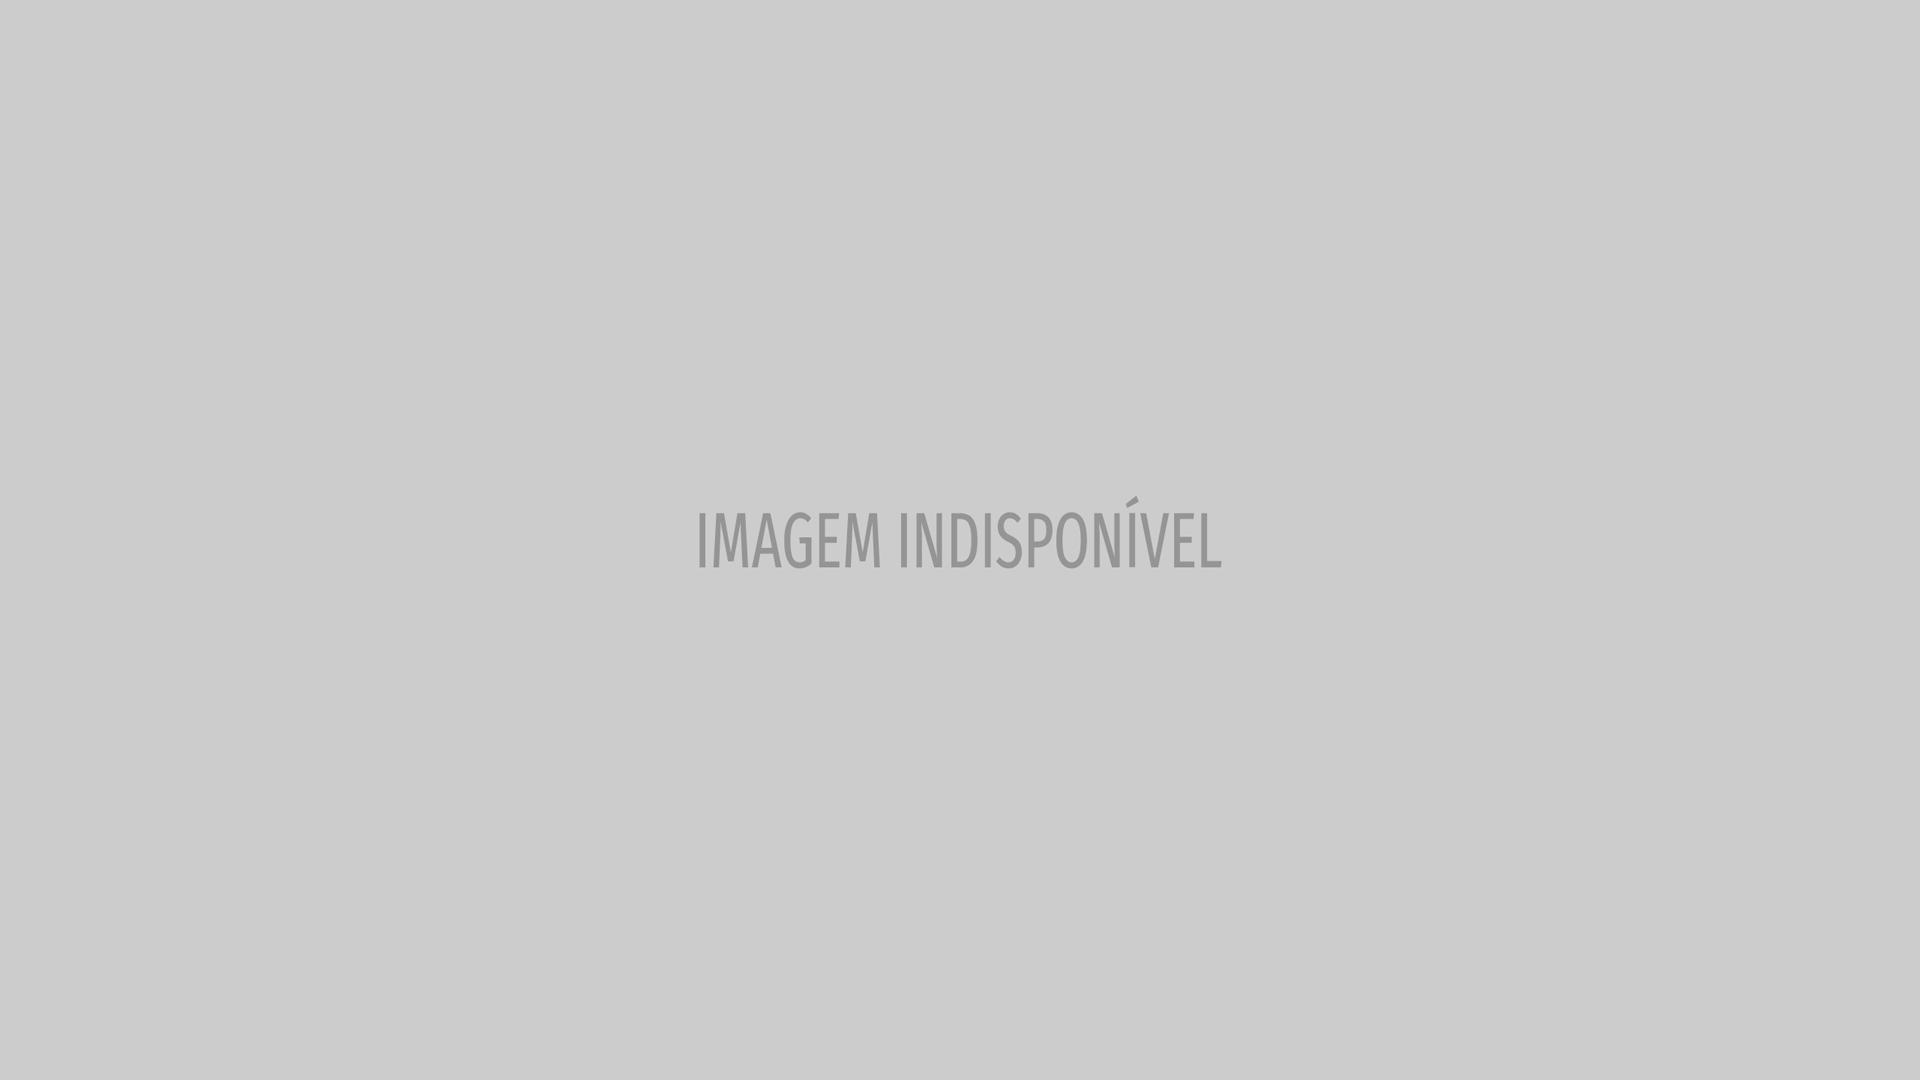 Rafa Brites viaja sozinha para Roma: 'Sem hotel, sem expectativas'